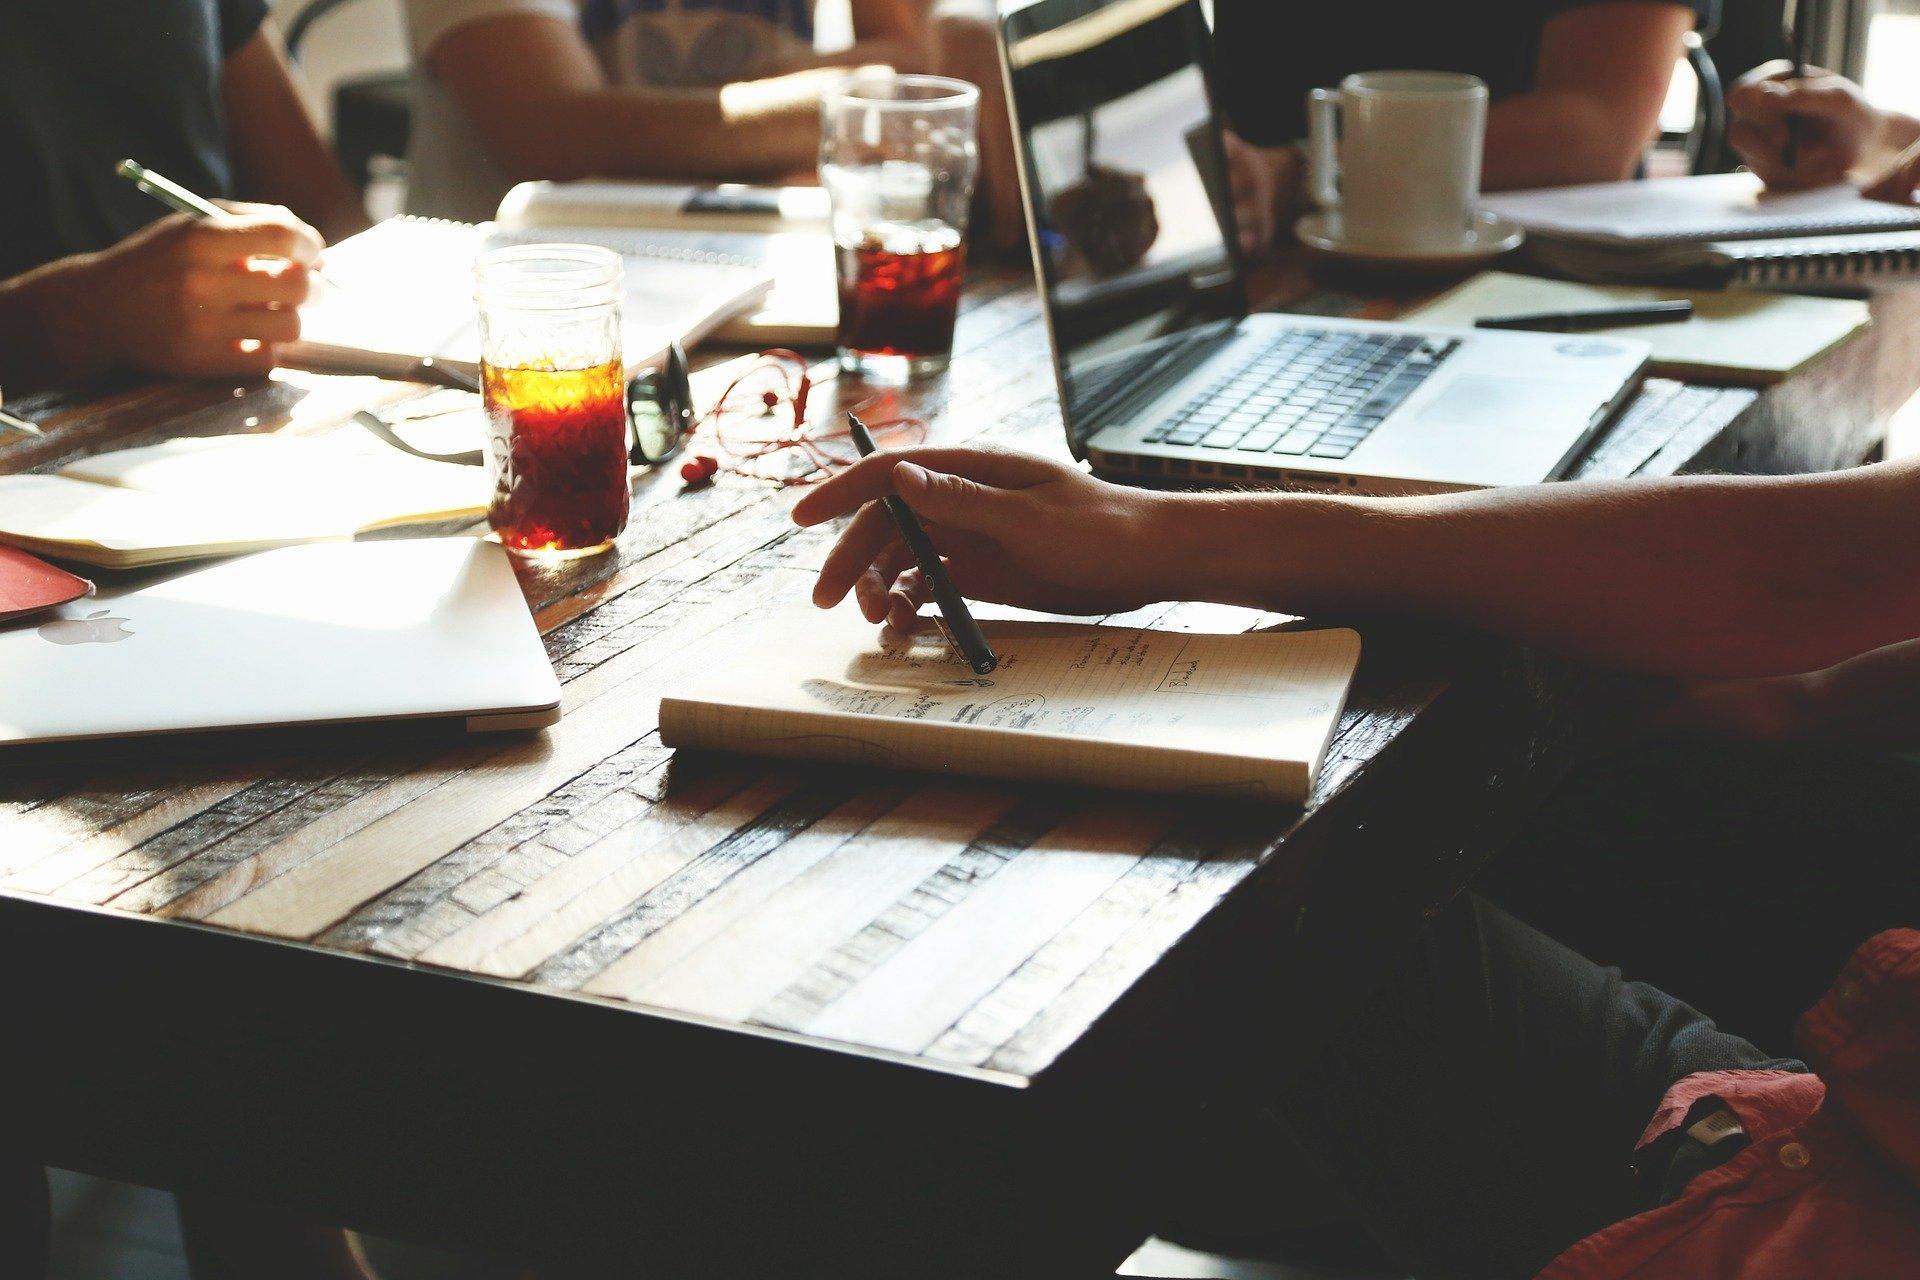 【週1日-/業務委託】新卒採用のプロ募集!WEB・広告業界に特化した人材紹介会社にて